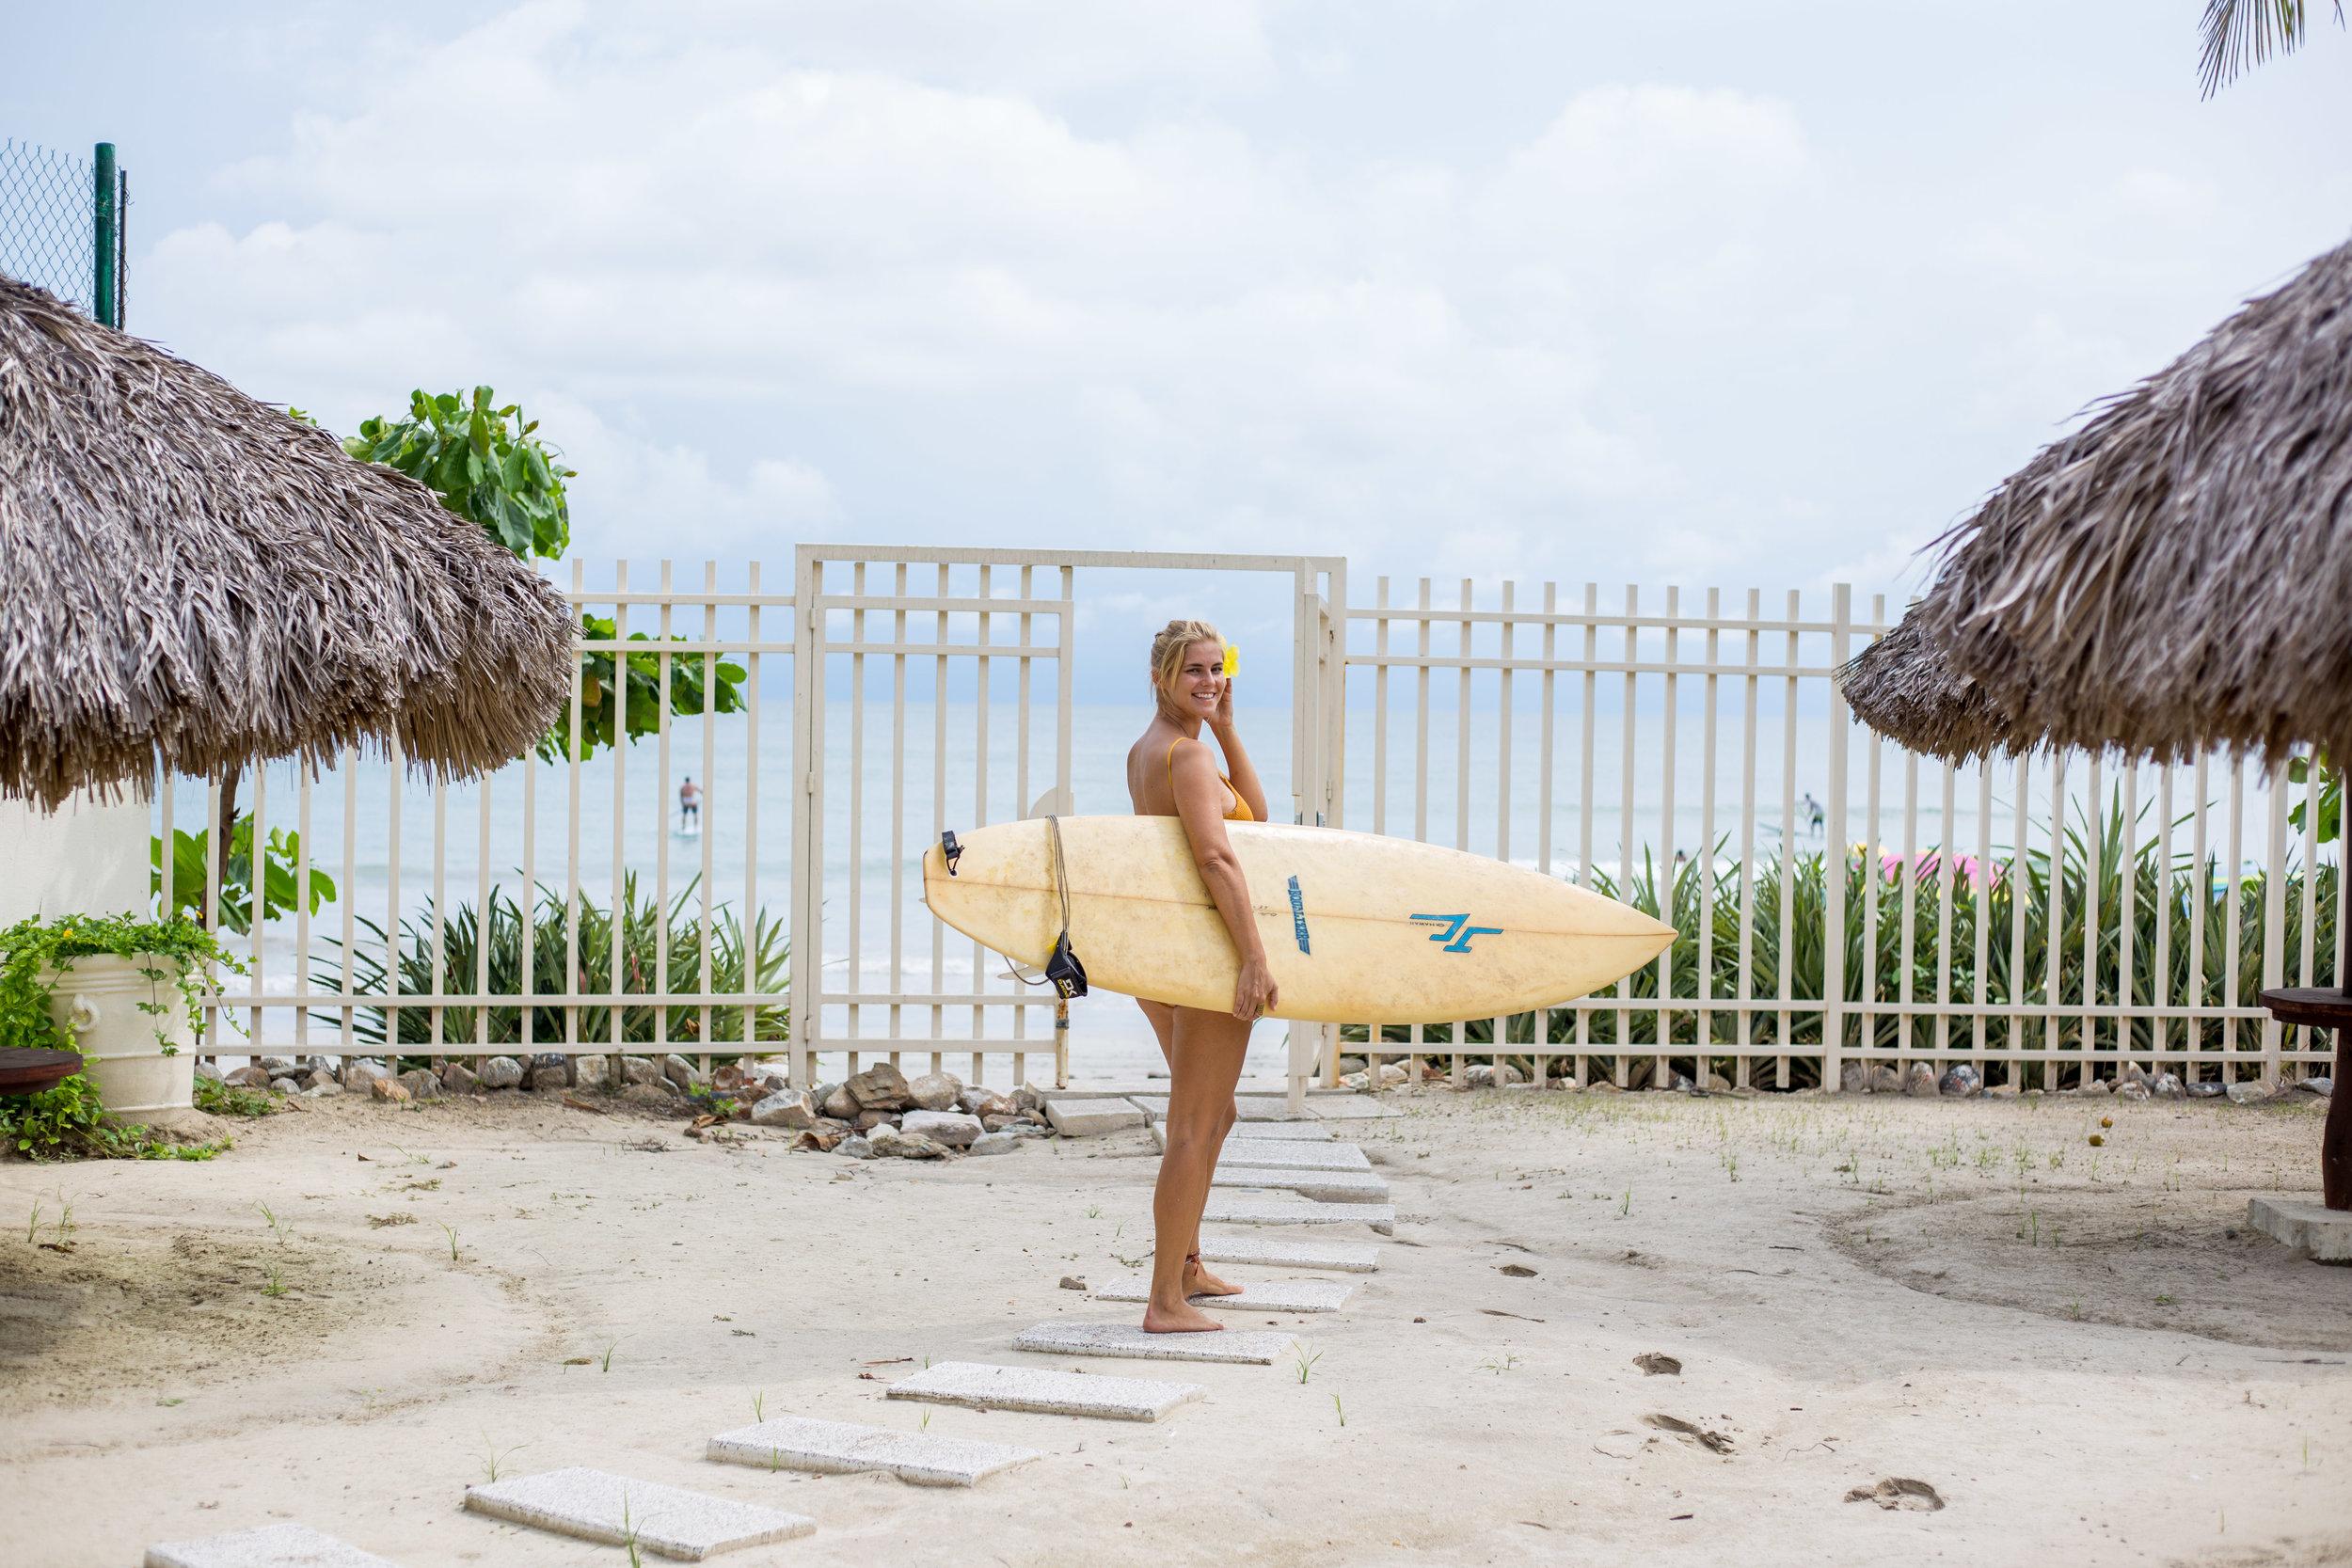 Surfing_Punta_Mita.jpg